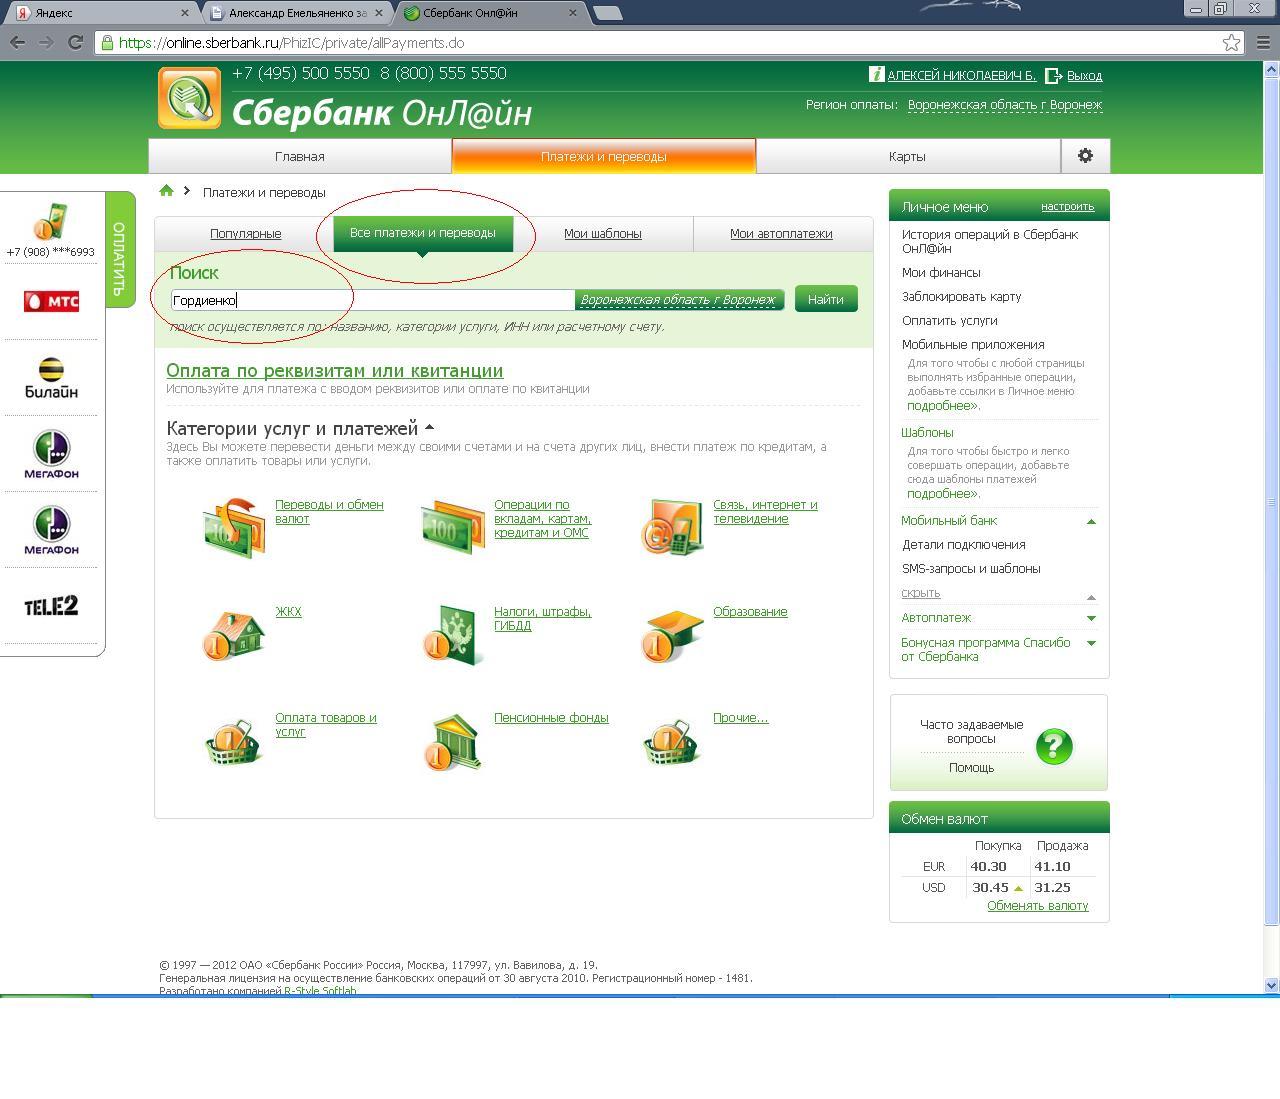 Как сделать скриншот он-лайн платежа? Совместные покупки 93